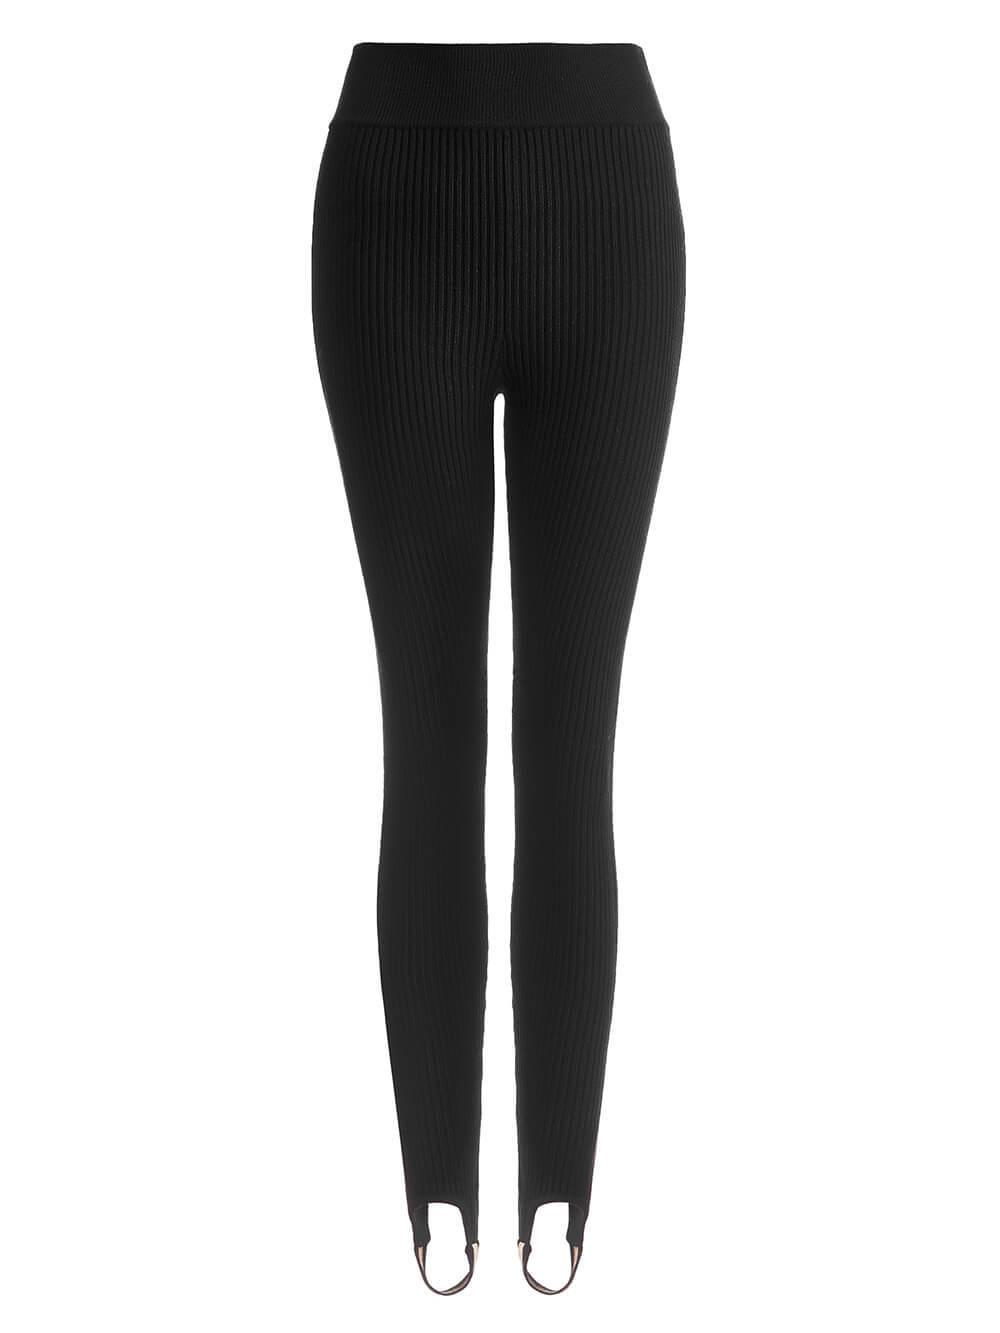 Женский брюки черного цвета из шерсти с контрастной полосой и штрипками - фото 1